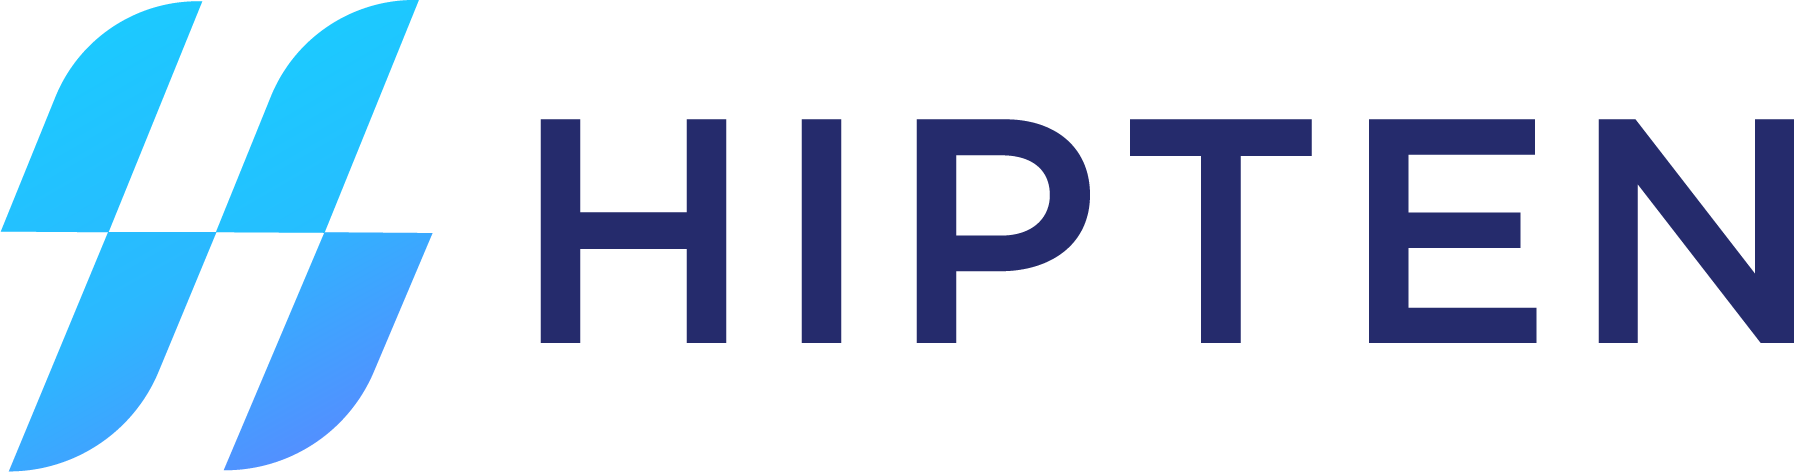 HipTen_Logo